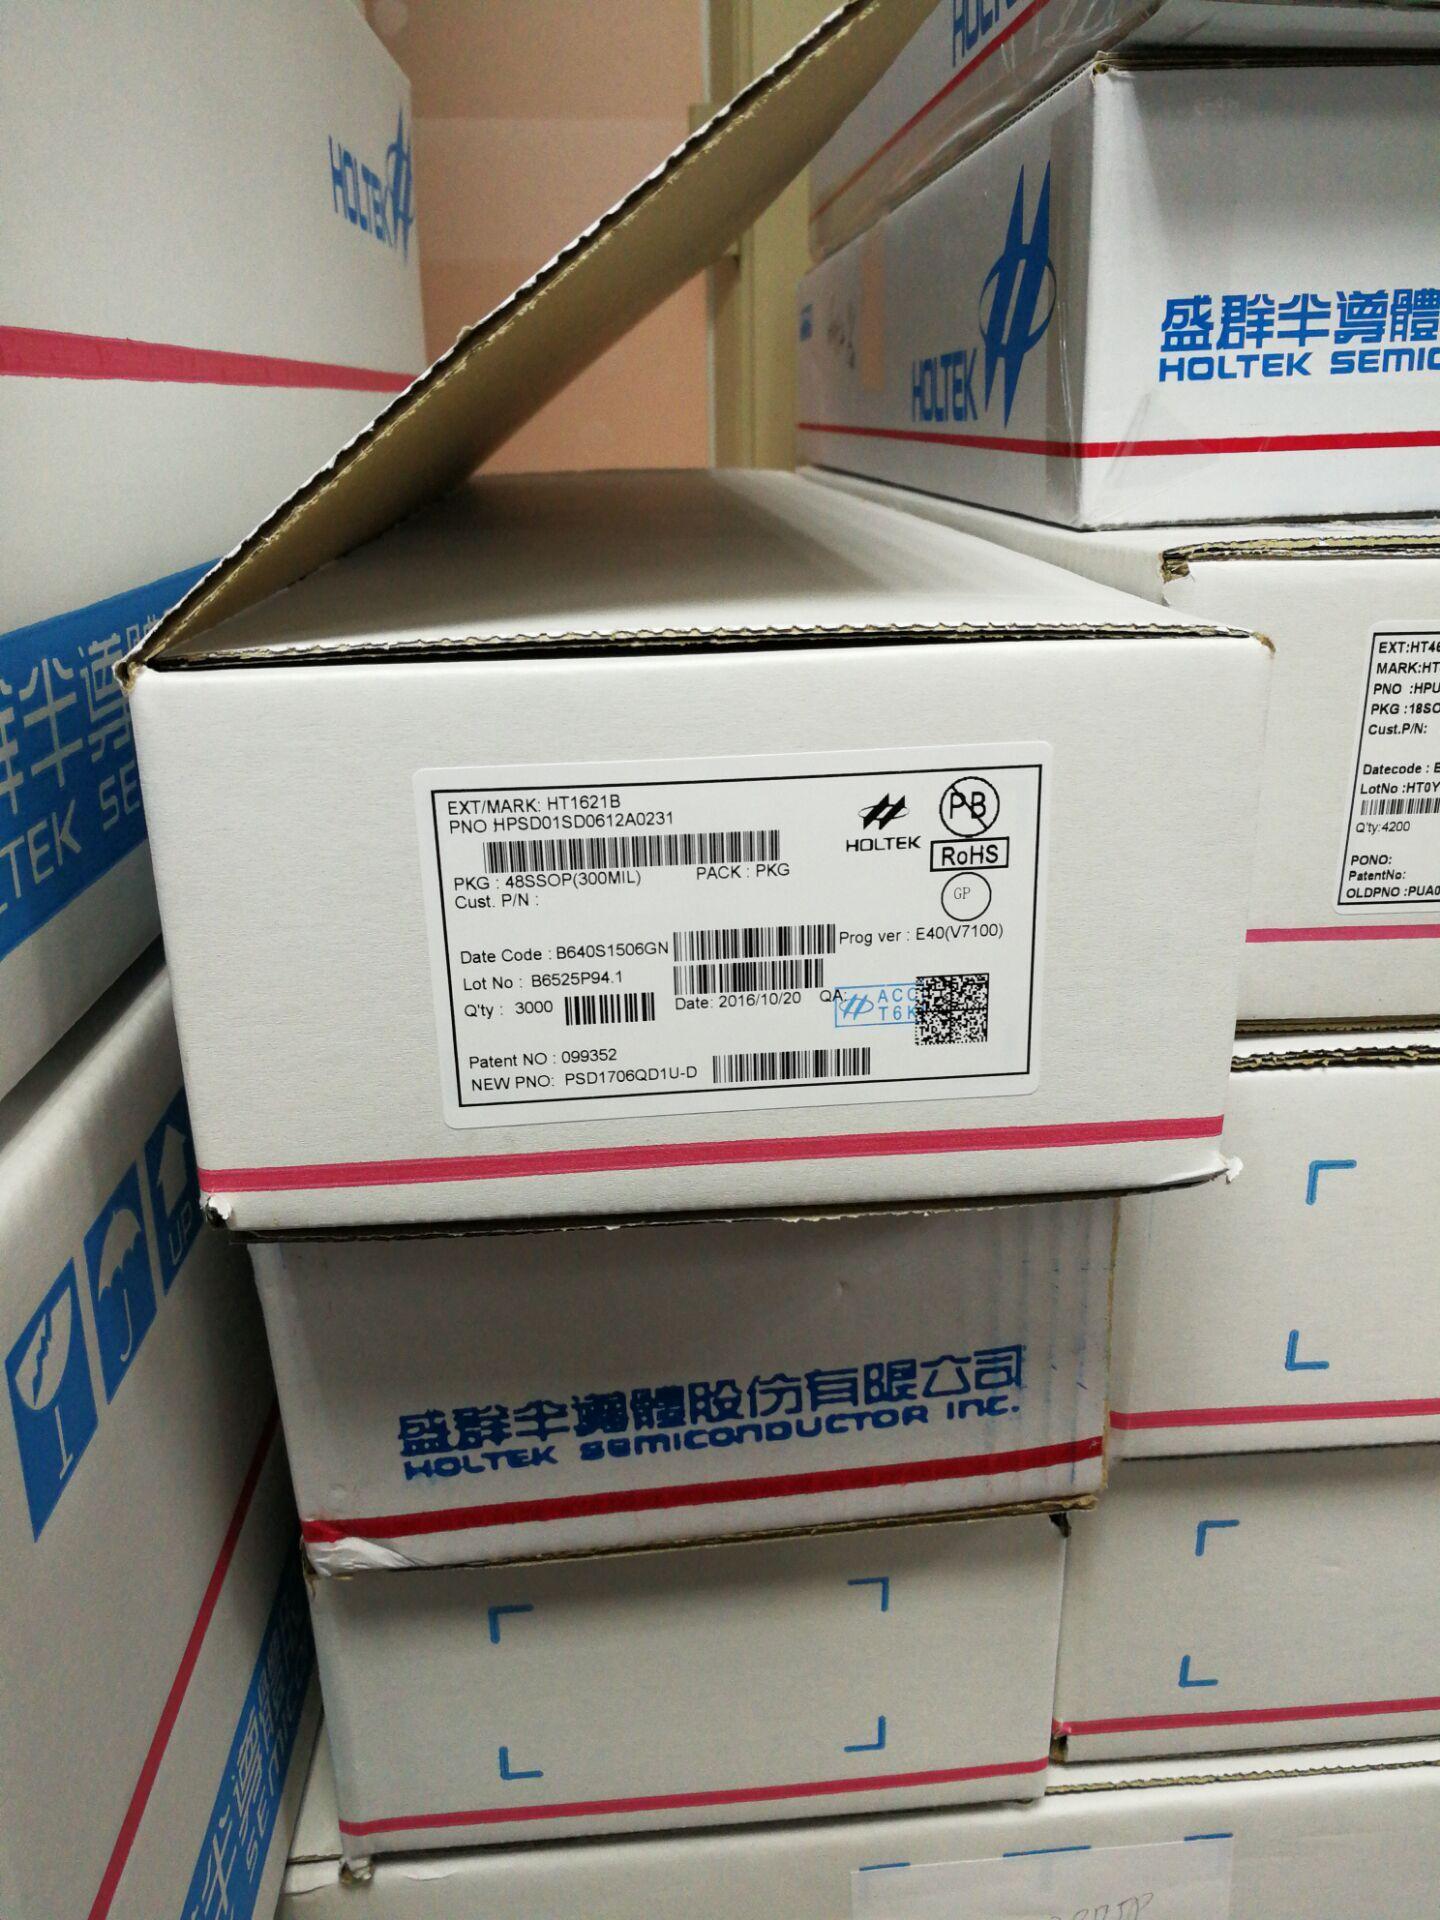 原装品质,优质性价比供应商,您值得拥有!